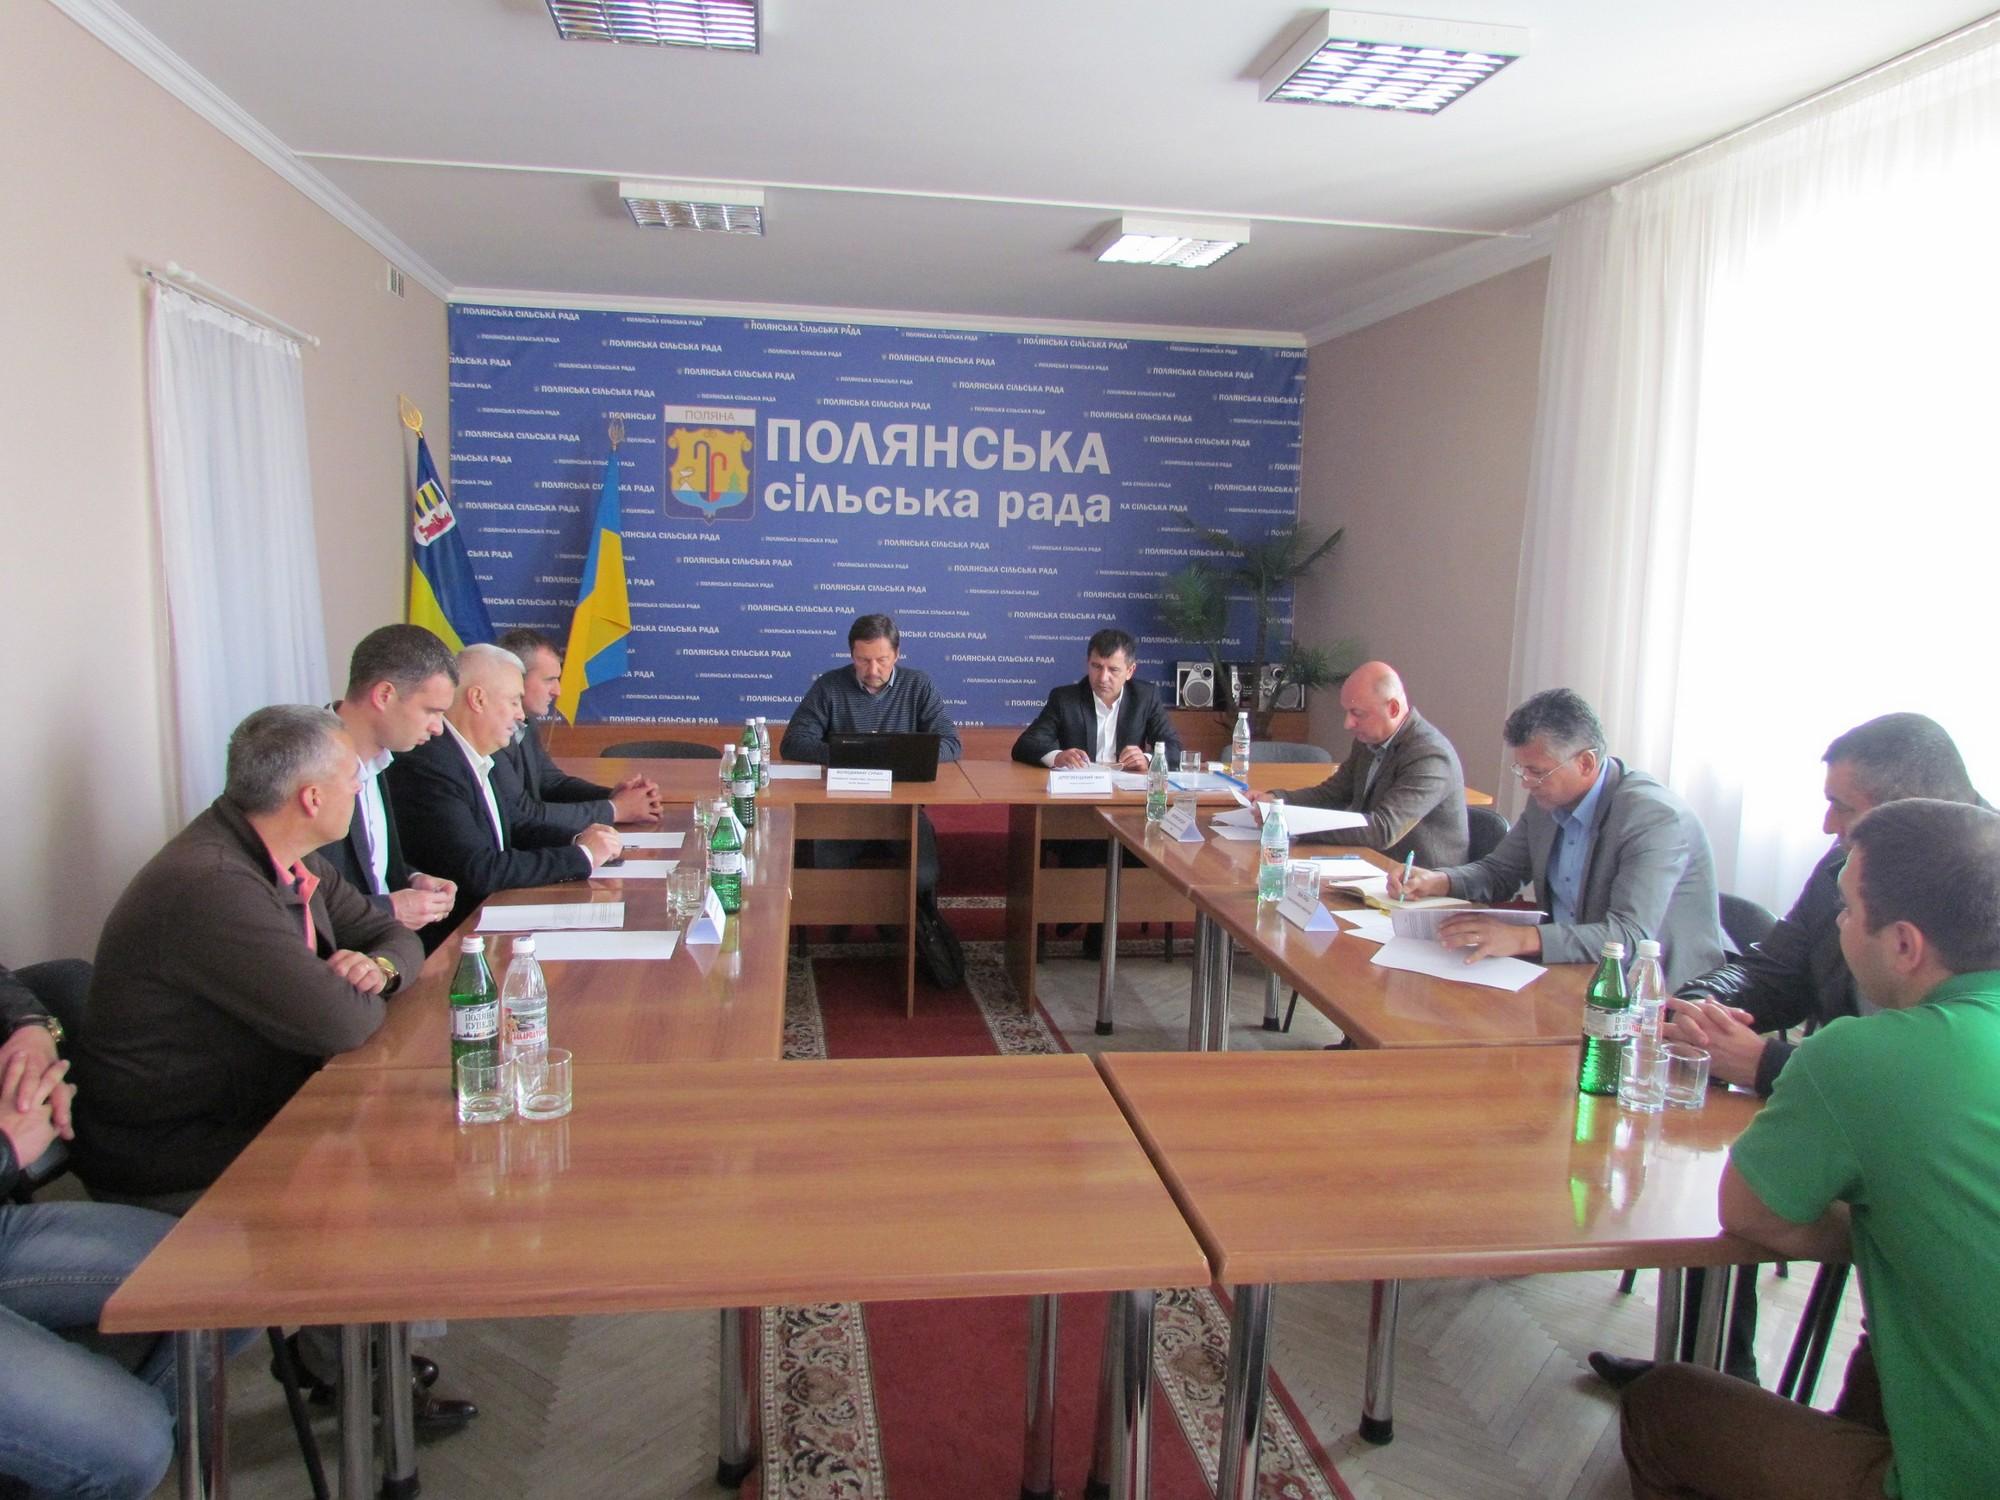 В Полянській об'єднаній територіальній громаді відбулася нарада очільників населених пунктів Закарпатської області з питань вирішення екологічних проблем